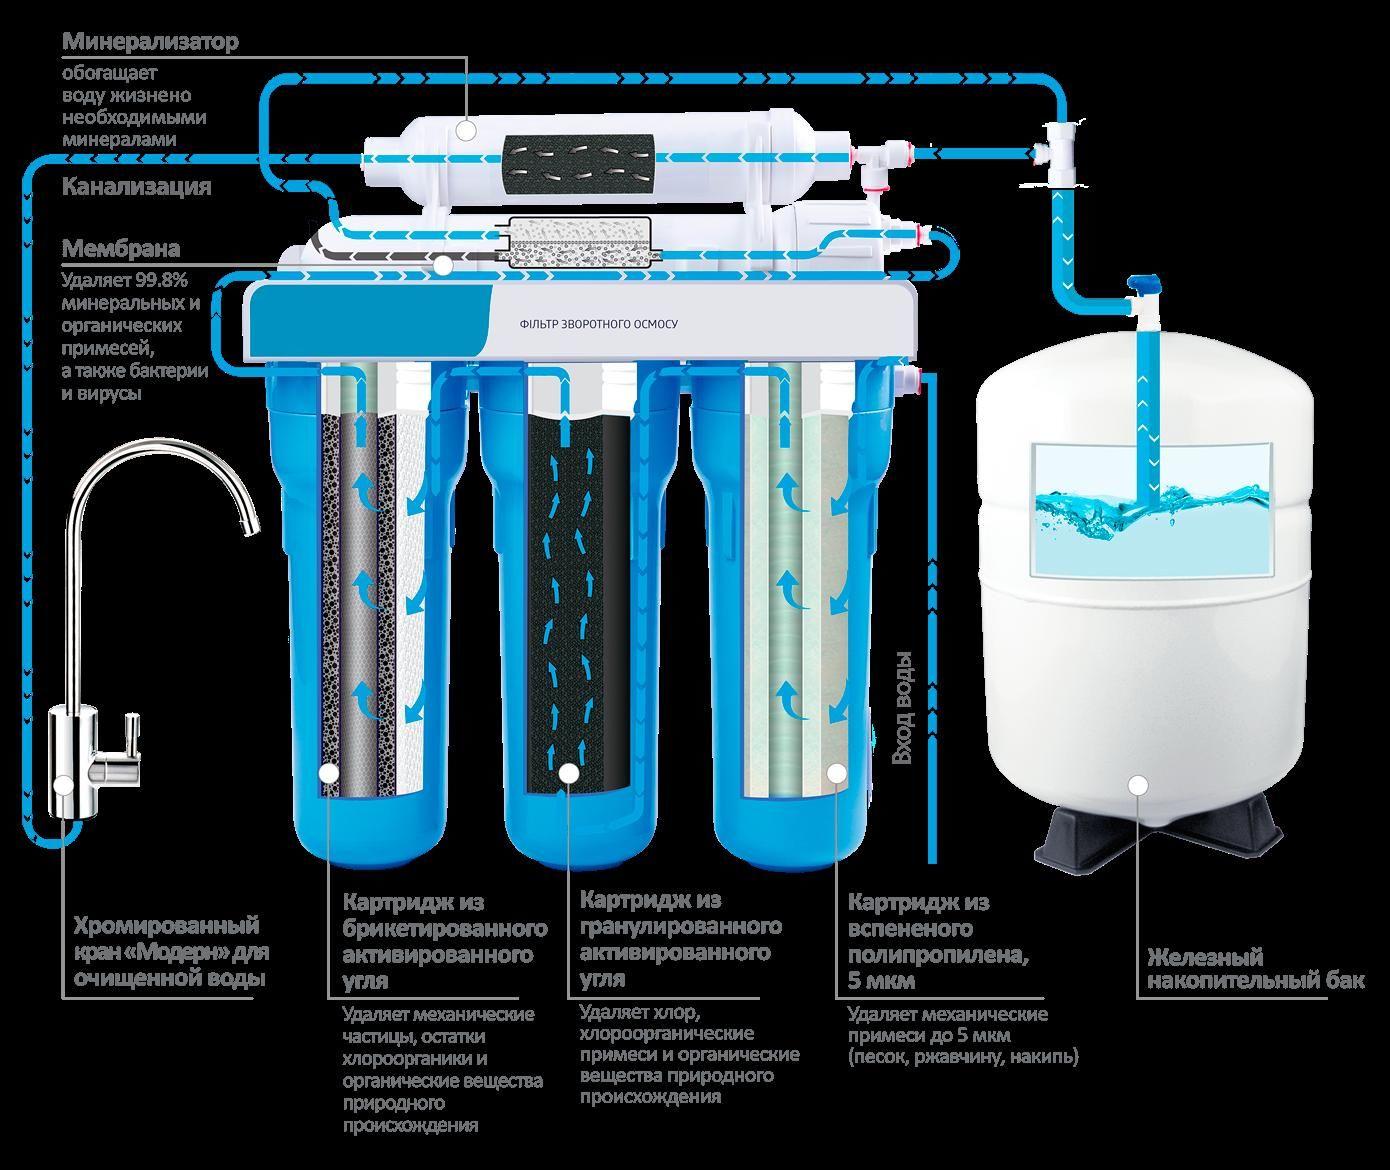 Как установить фильтр очистки воды в квартире